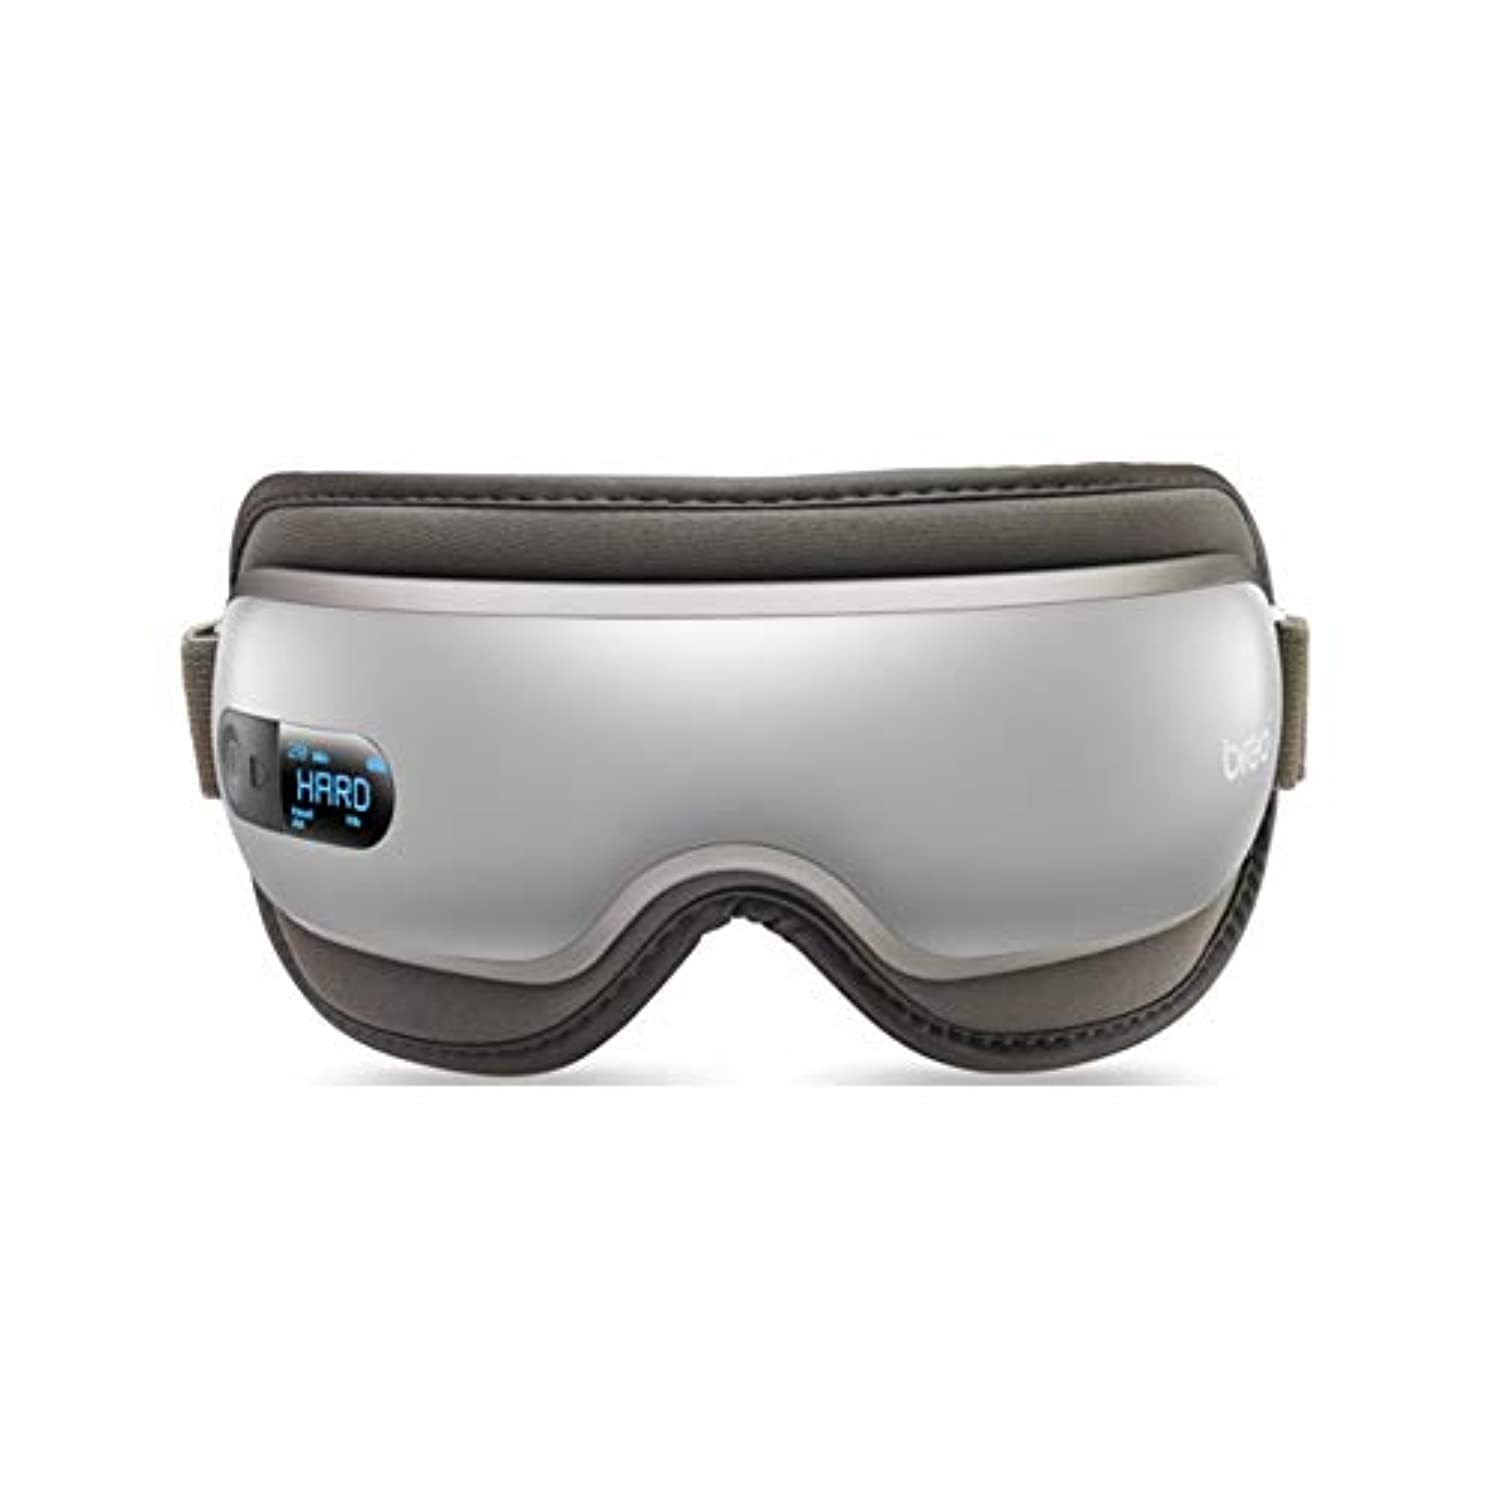 贈り物額権限Electric Eye Massager Vibration Heat Compression Massage Portable Foldable Rechargeable Eye Massager Built-in Music